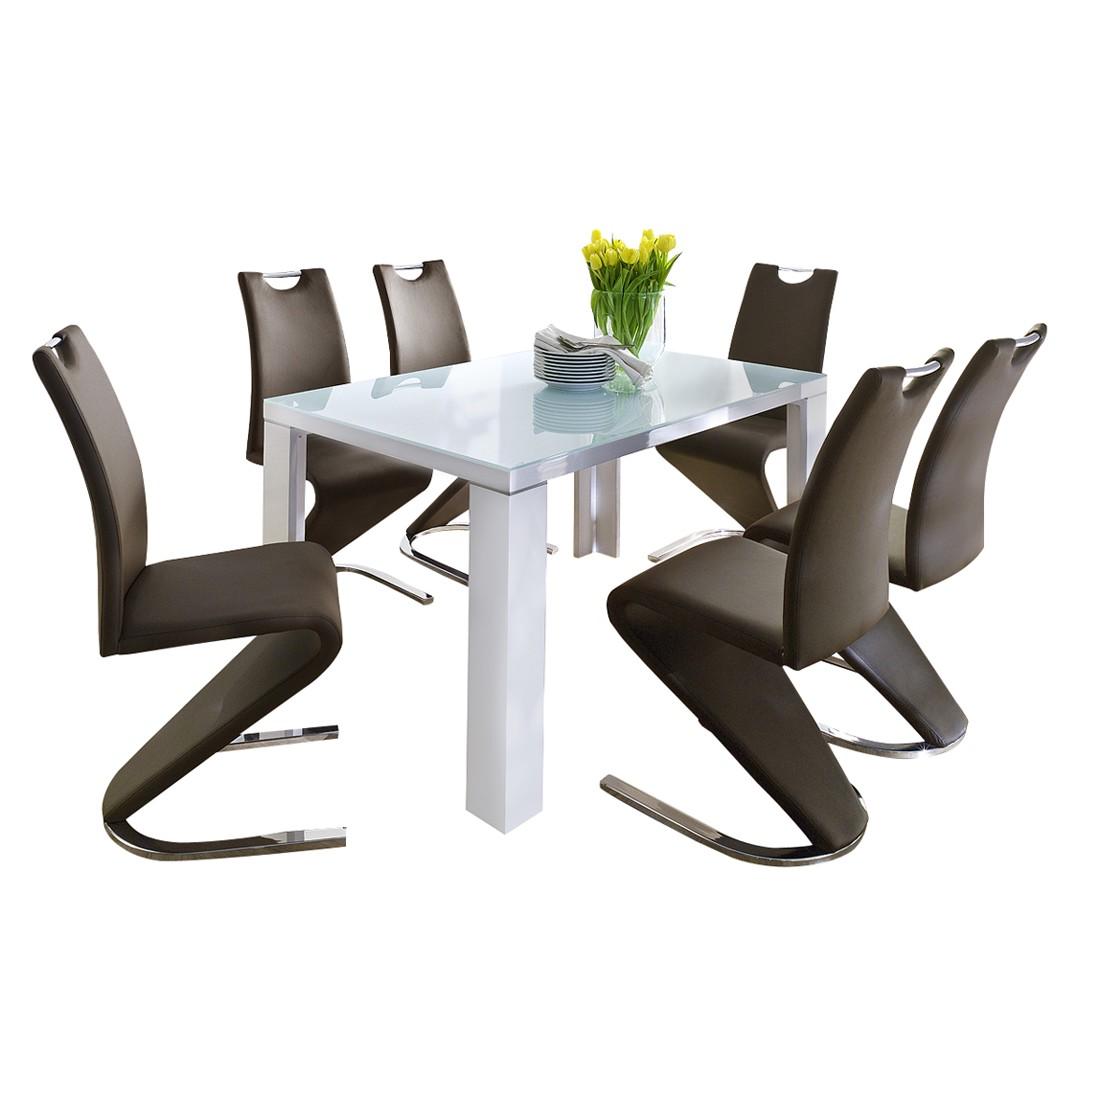 essgruppe tizio 7 teilig glas wei hochglanz kunstleder braun. Black Bedroom Furniture Sets. Home Design Ideas